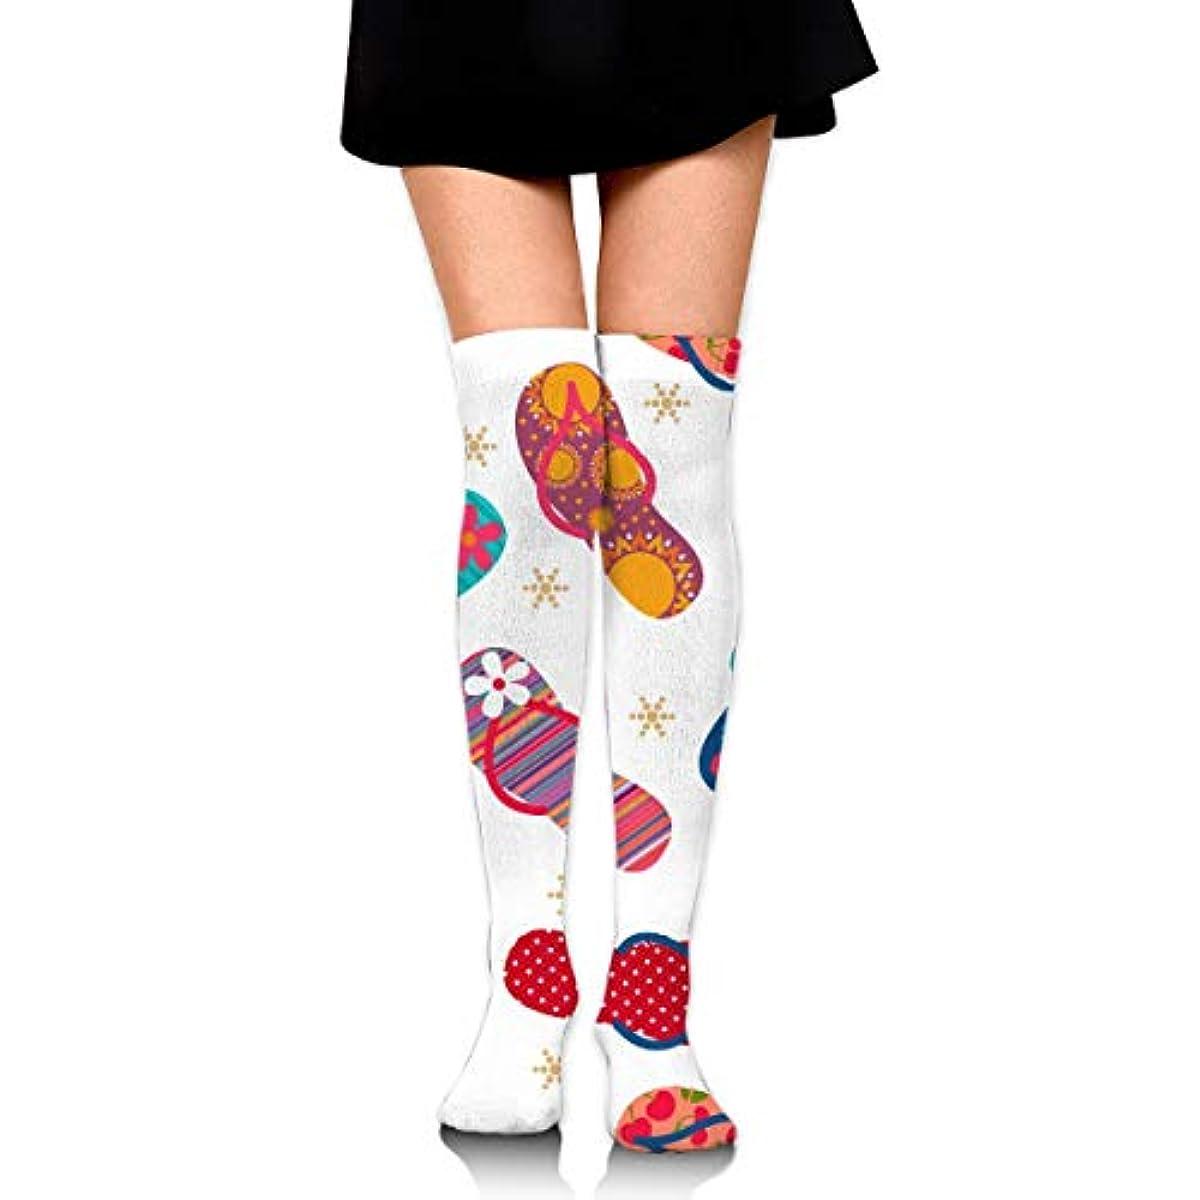 悪化する道署名MKLOS 通気性 圧縮ソックス Breathable Extra Long Cotton Thigh High Cool Flip Flops Slippers Socks Over Exotic Psychedelic...